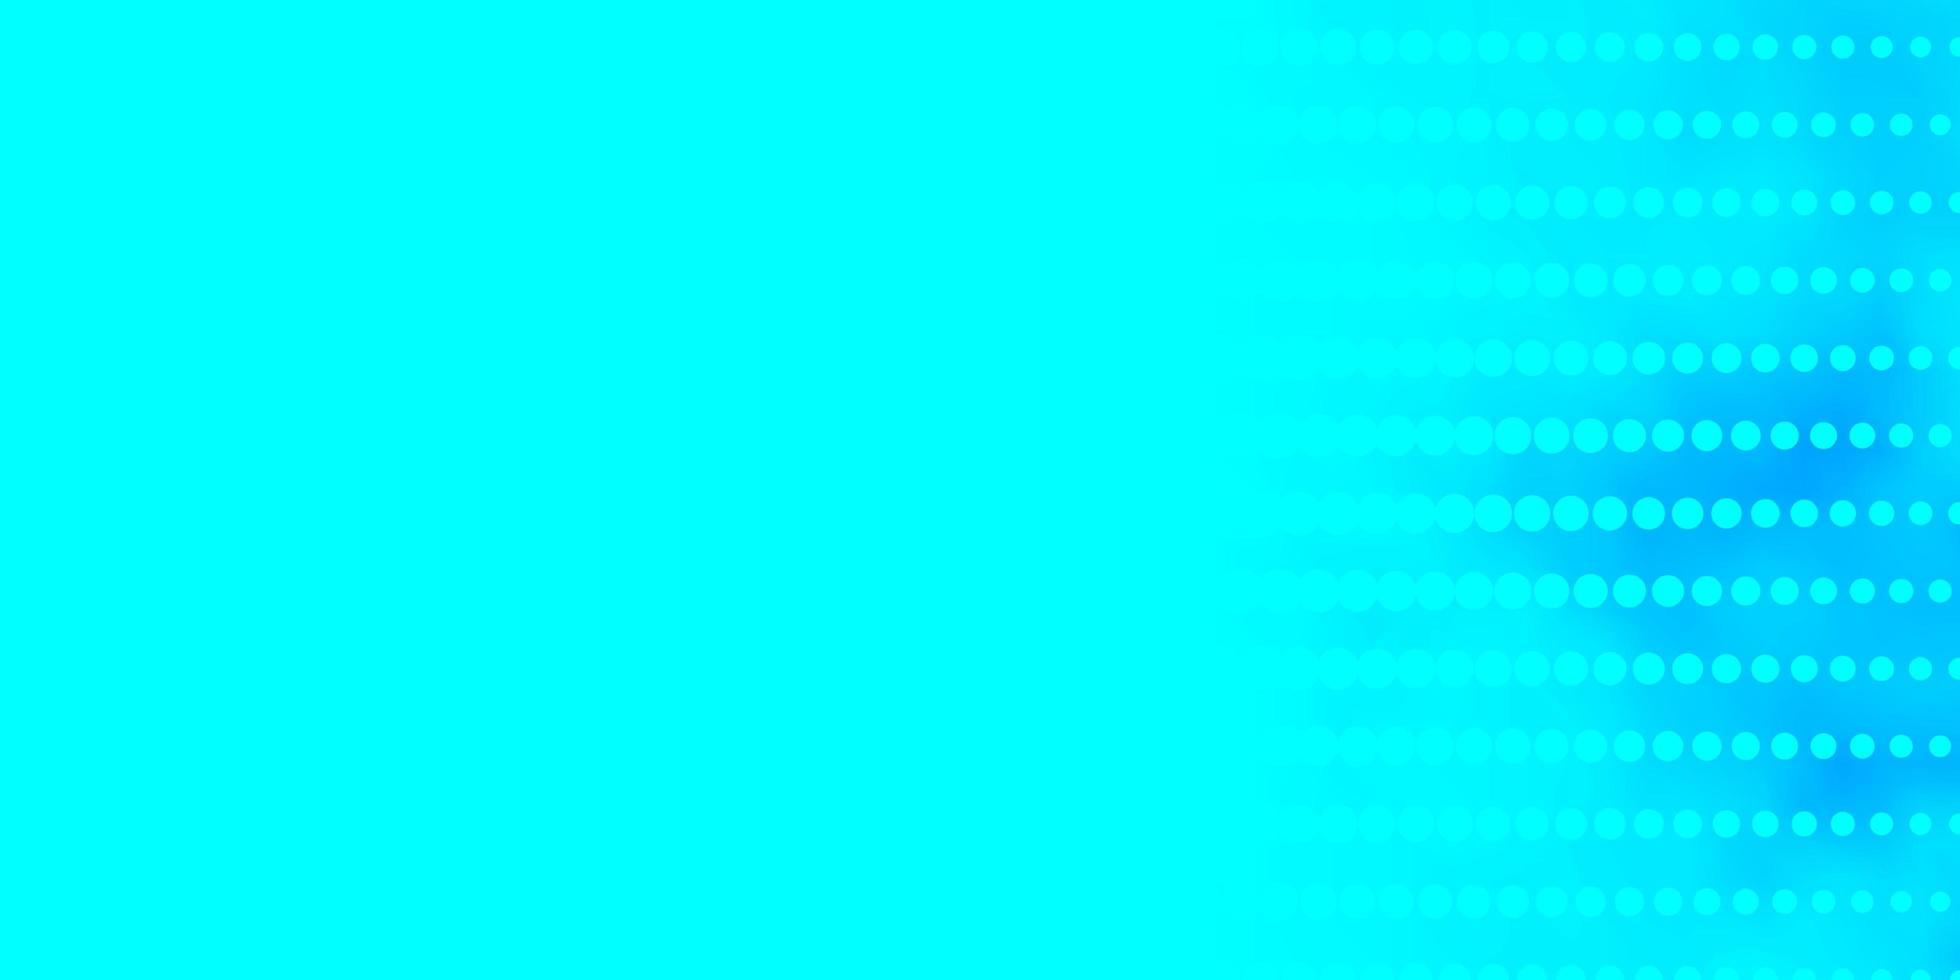 pano de fundo azul claro do vetor com círculos.